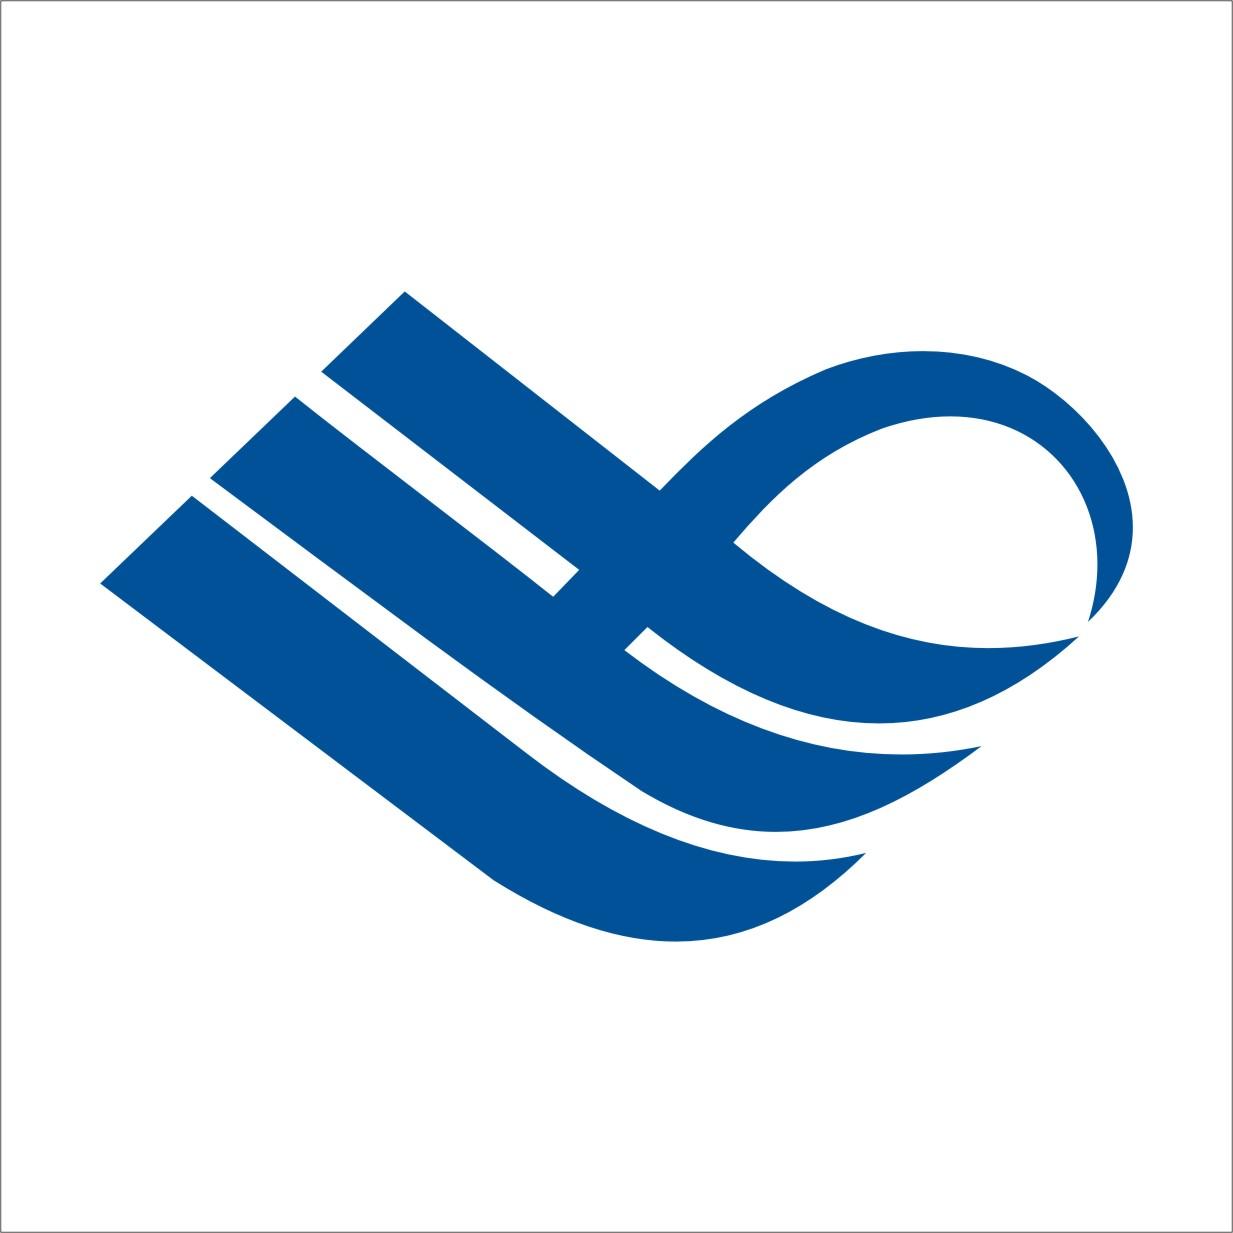 logo logo 标志 设计 矢量 矢量图 素材 图标 1233_1233